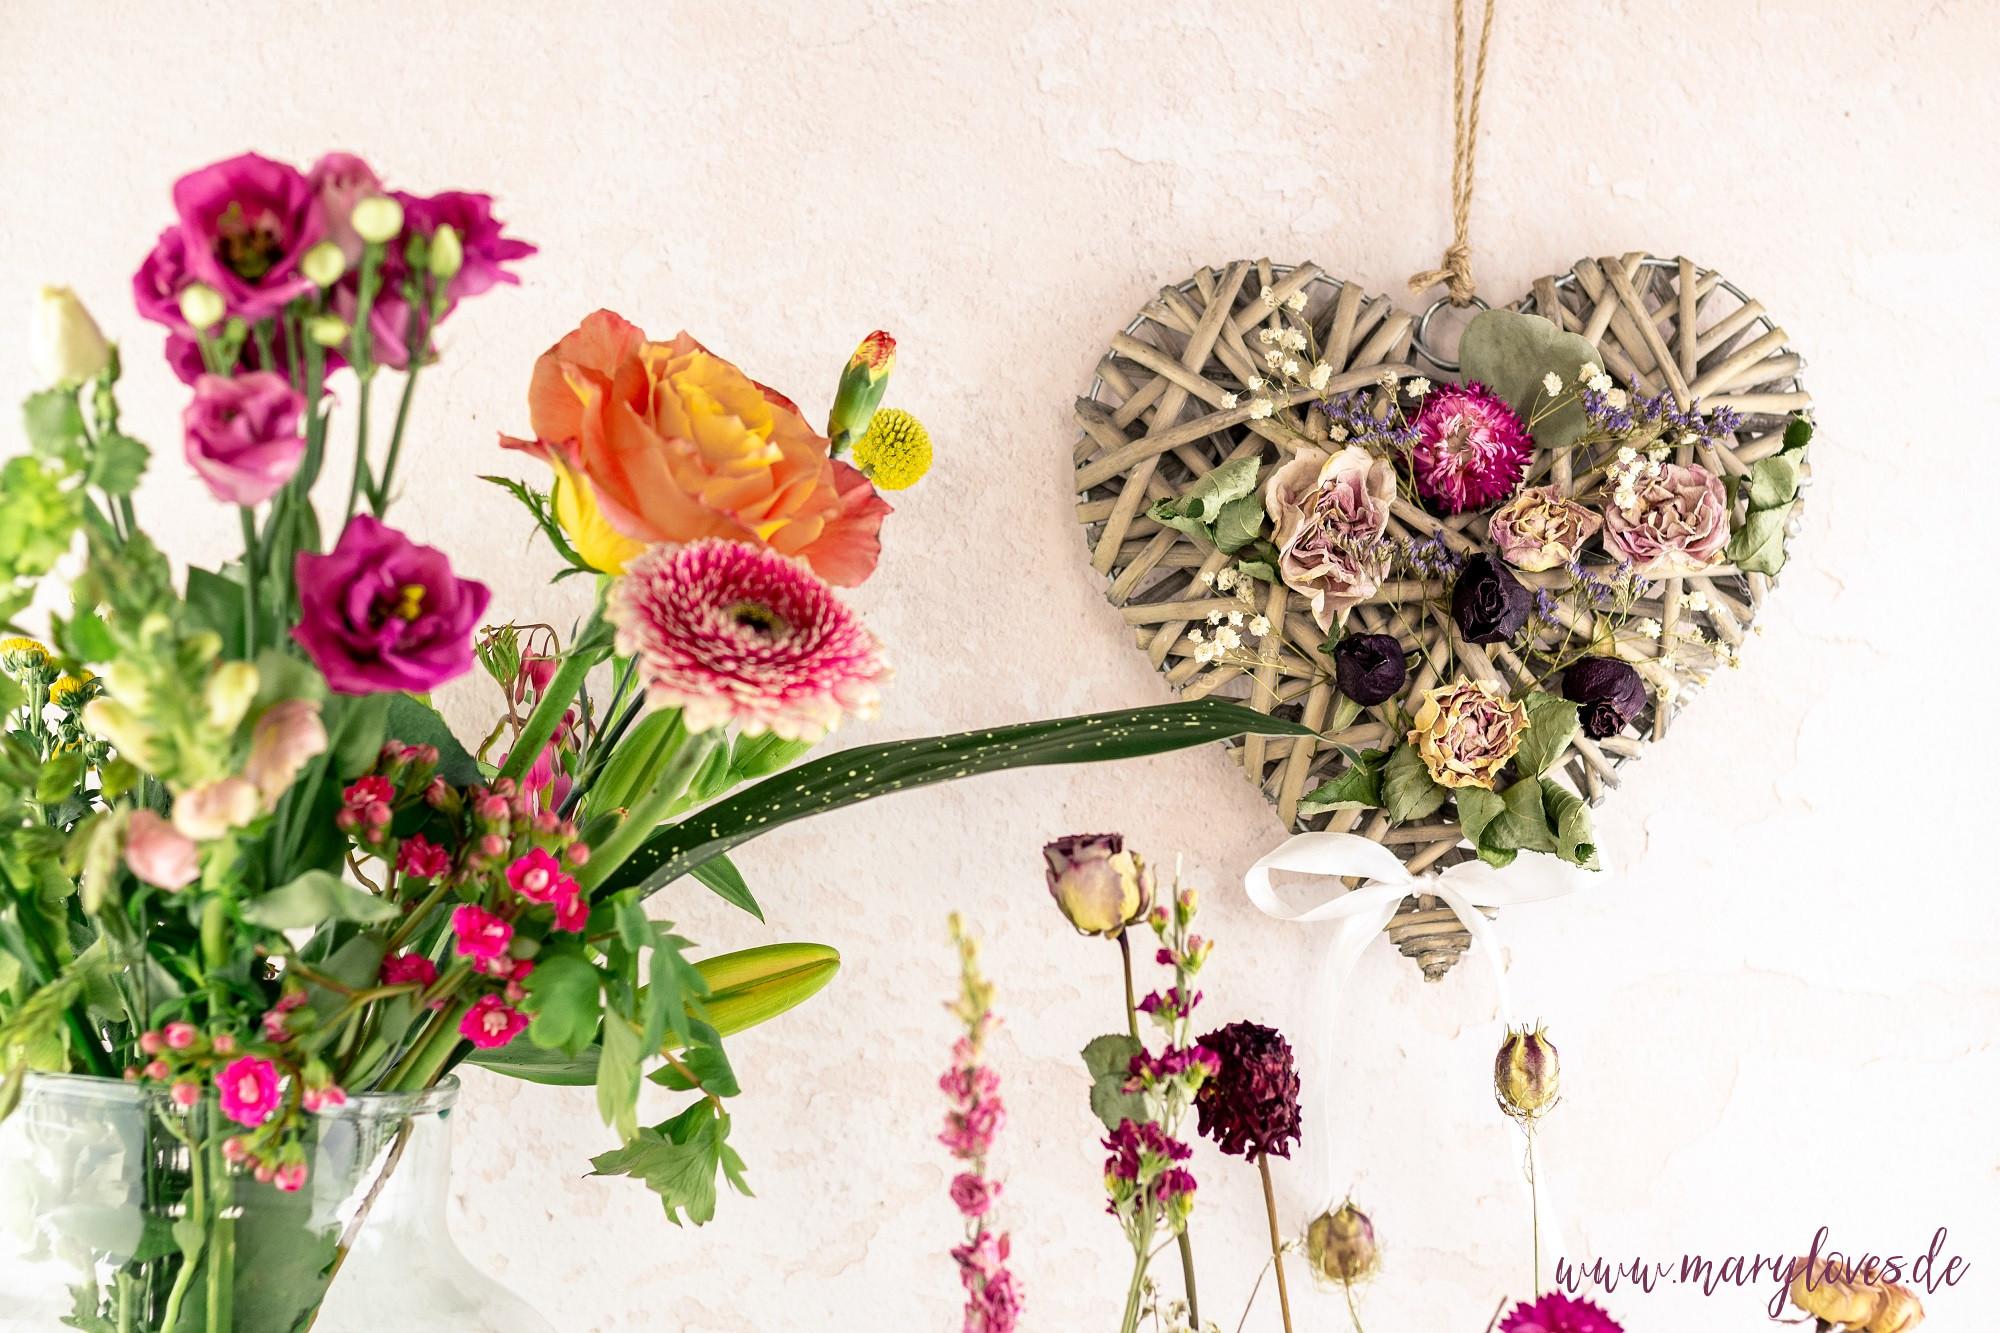 Blumengeschenke zum Muttertag & DIY-Dekoherz mit Blumen - Mary loves